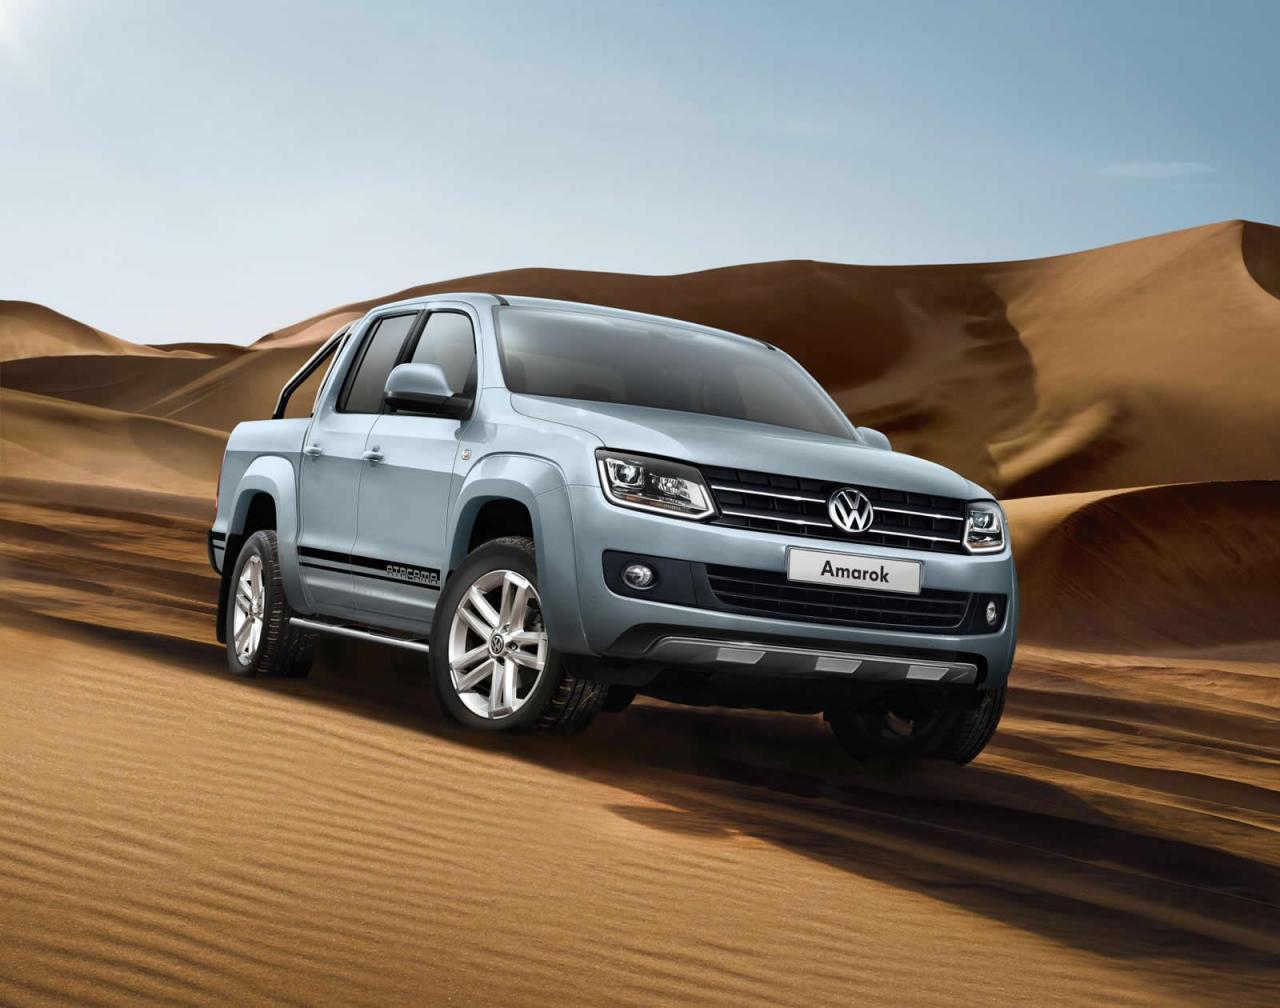 Volkswagen Amarok Atacama 2015 front side / спереди сбоку